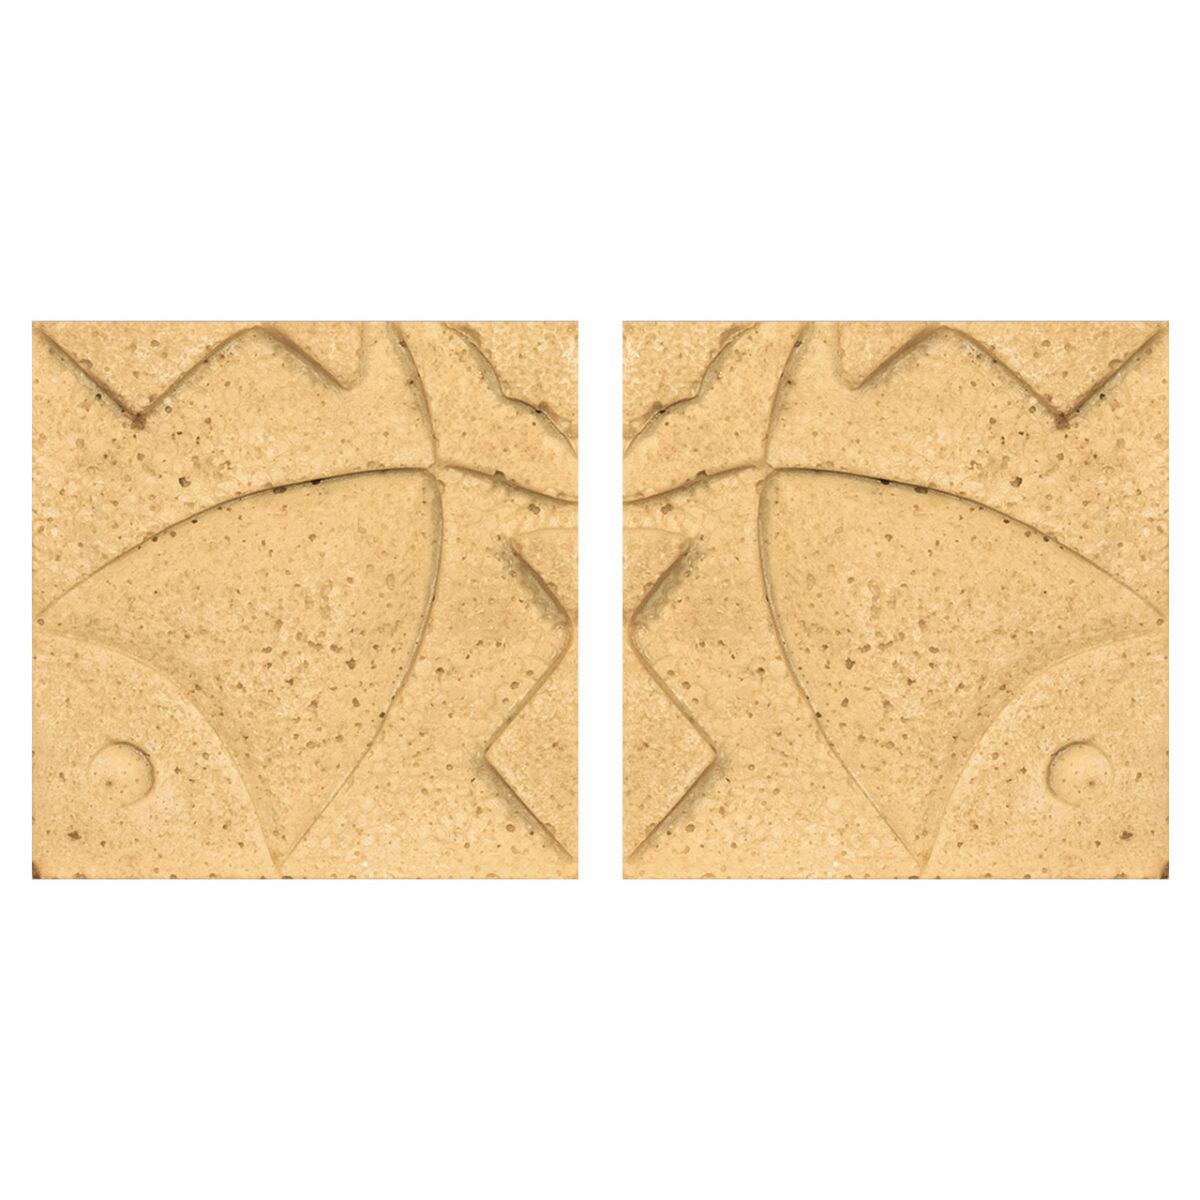 دیوارپوش تندیس و پیکره شهریار مدل آمای کد W1010-13 بسته 2 عددی